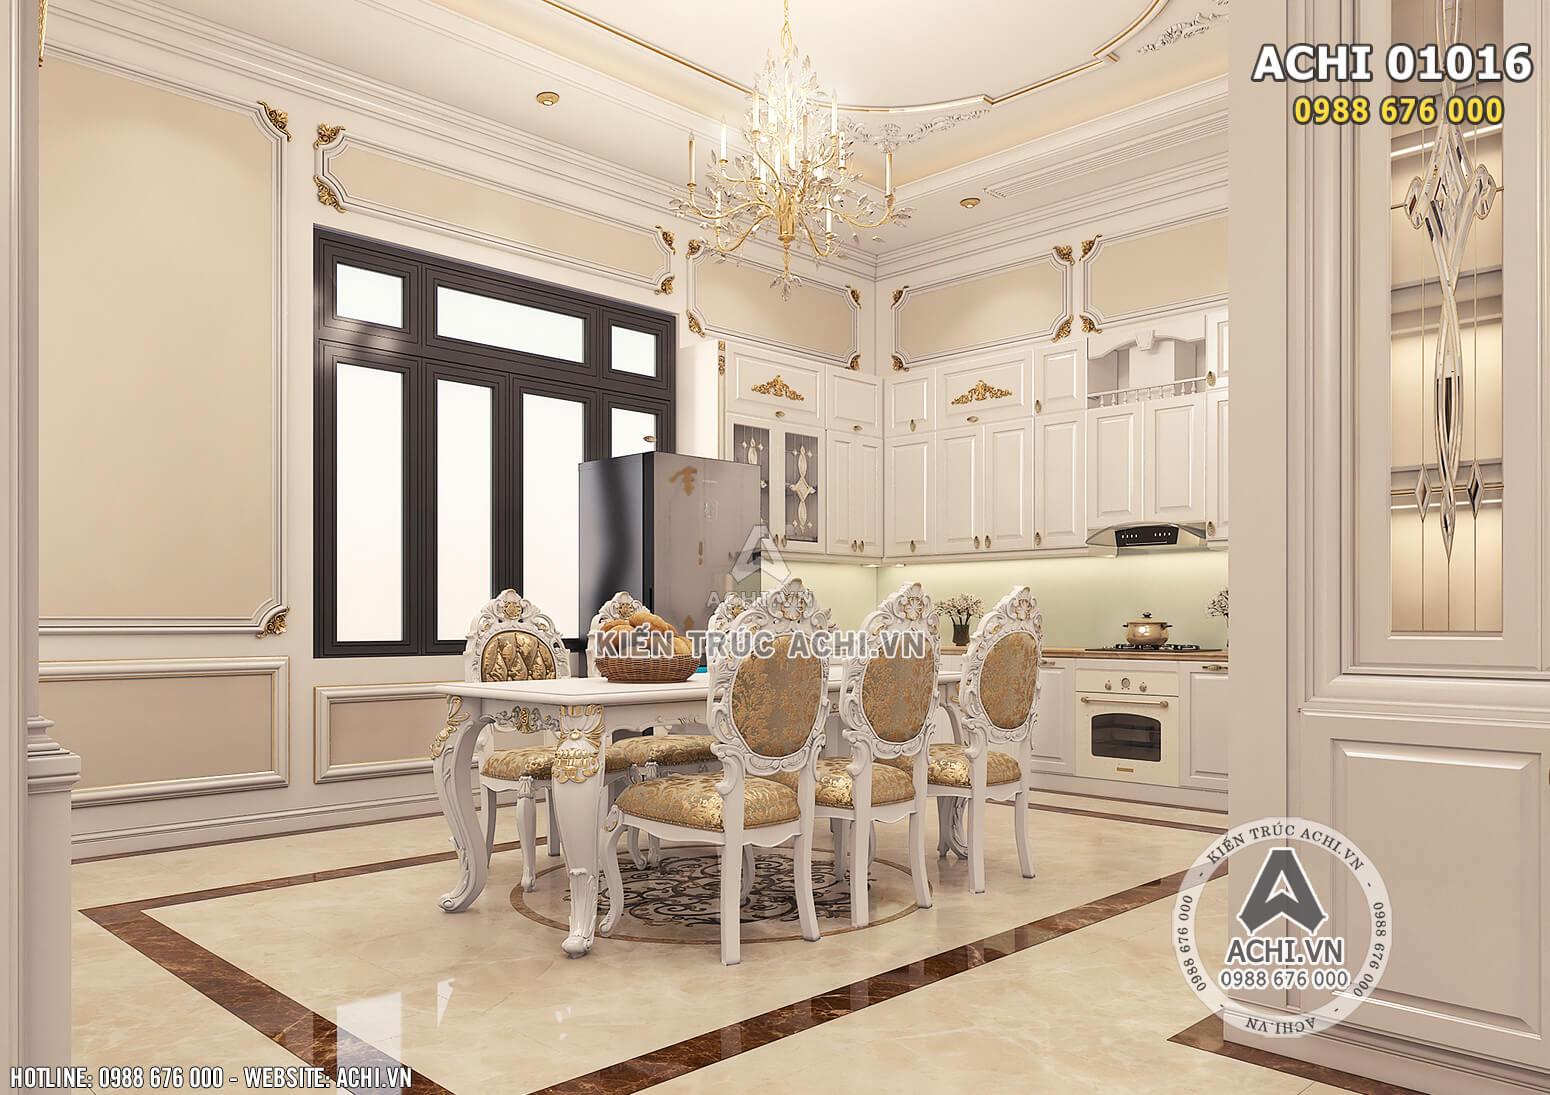 Hình ảnh: Không gian phòng bếp trang bị các món đồ nội thất cao cấp - ACHI 01016